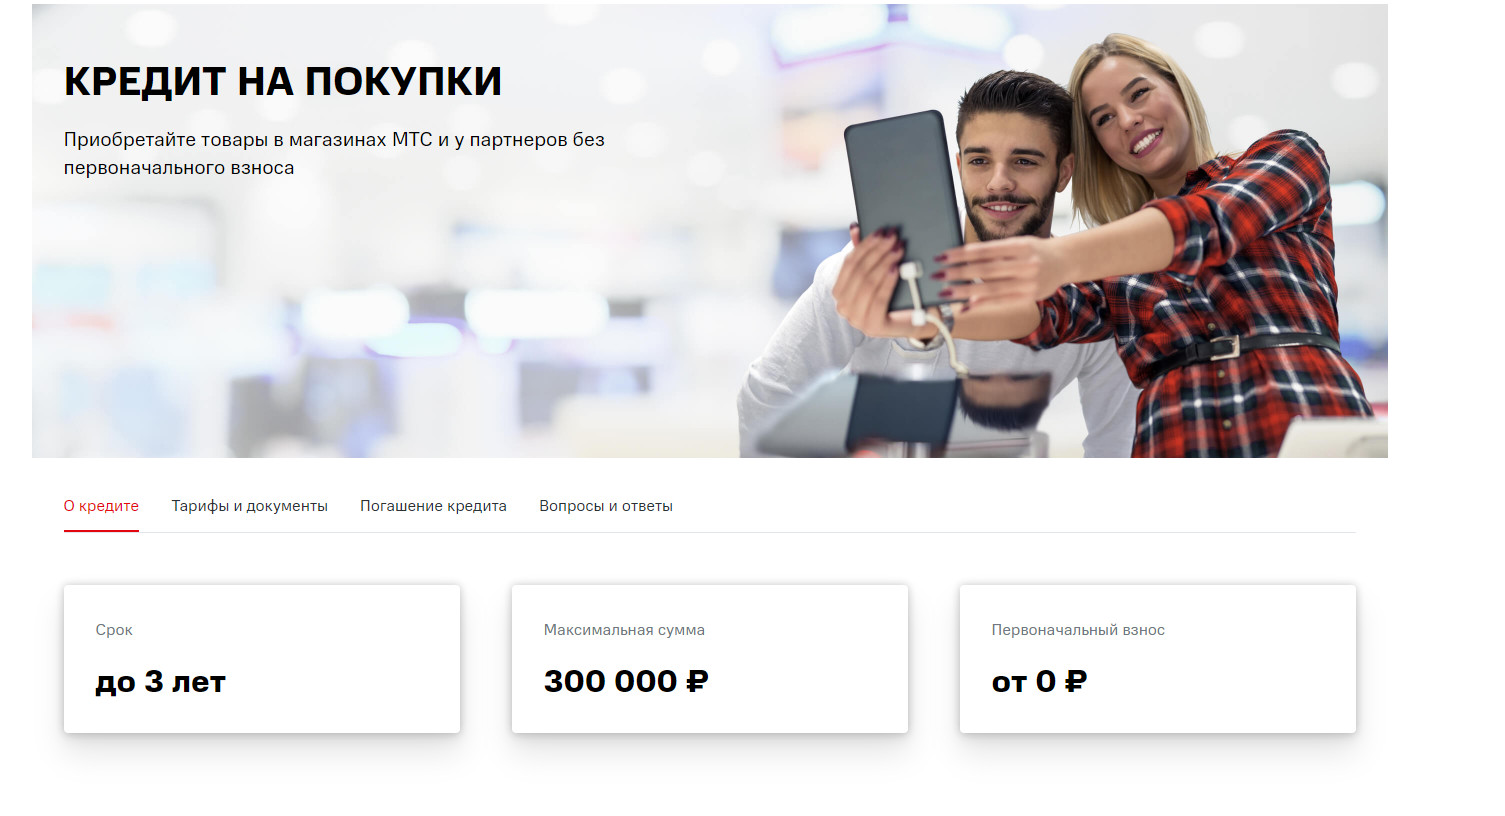 МТС Банк кредит на покупку товаров